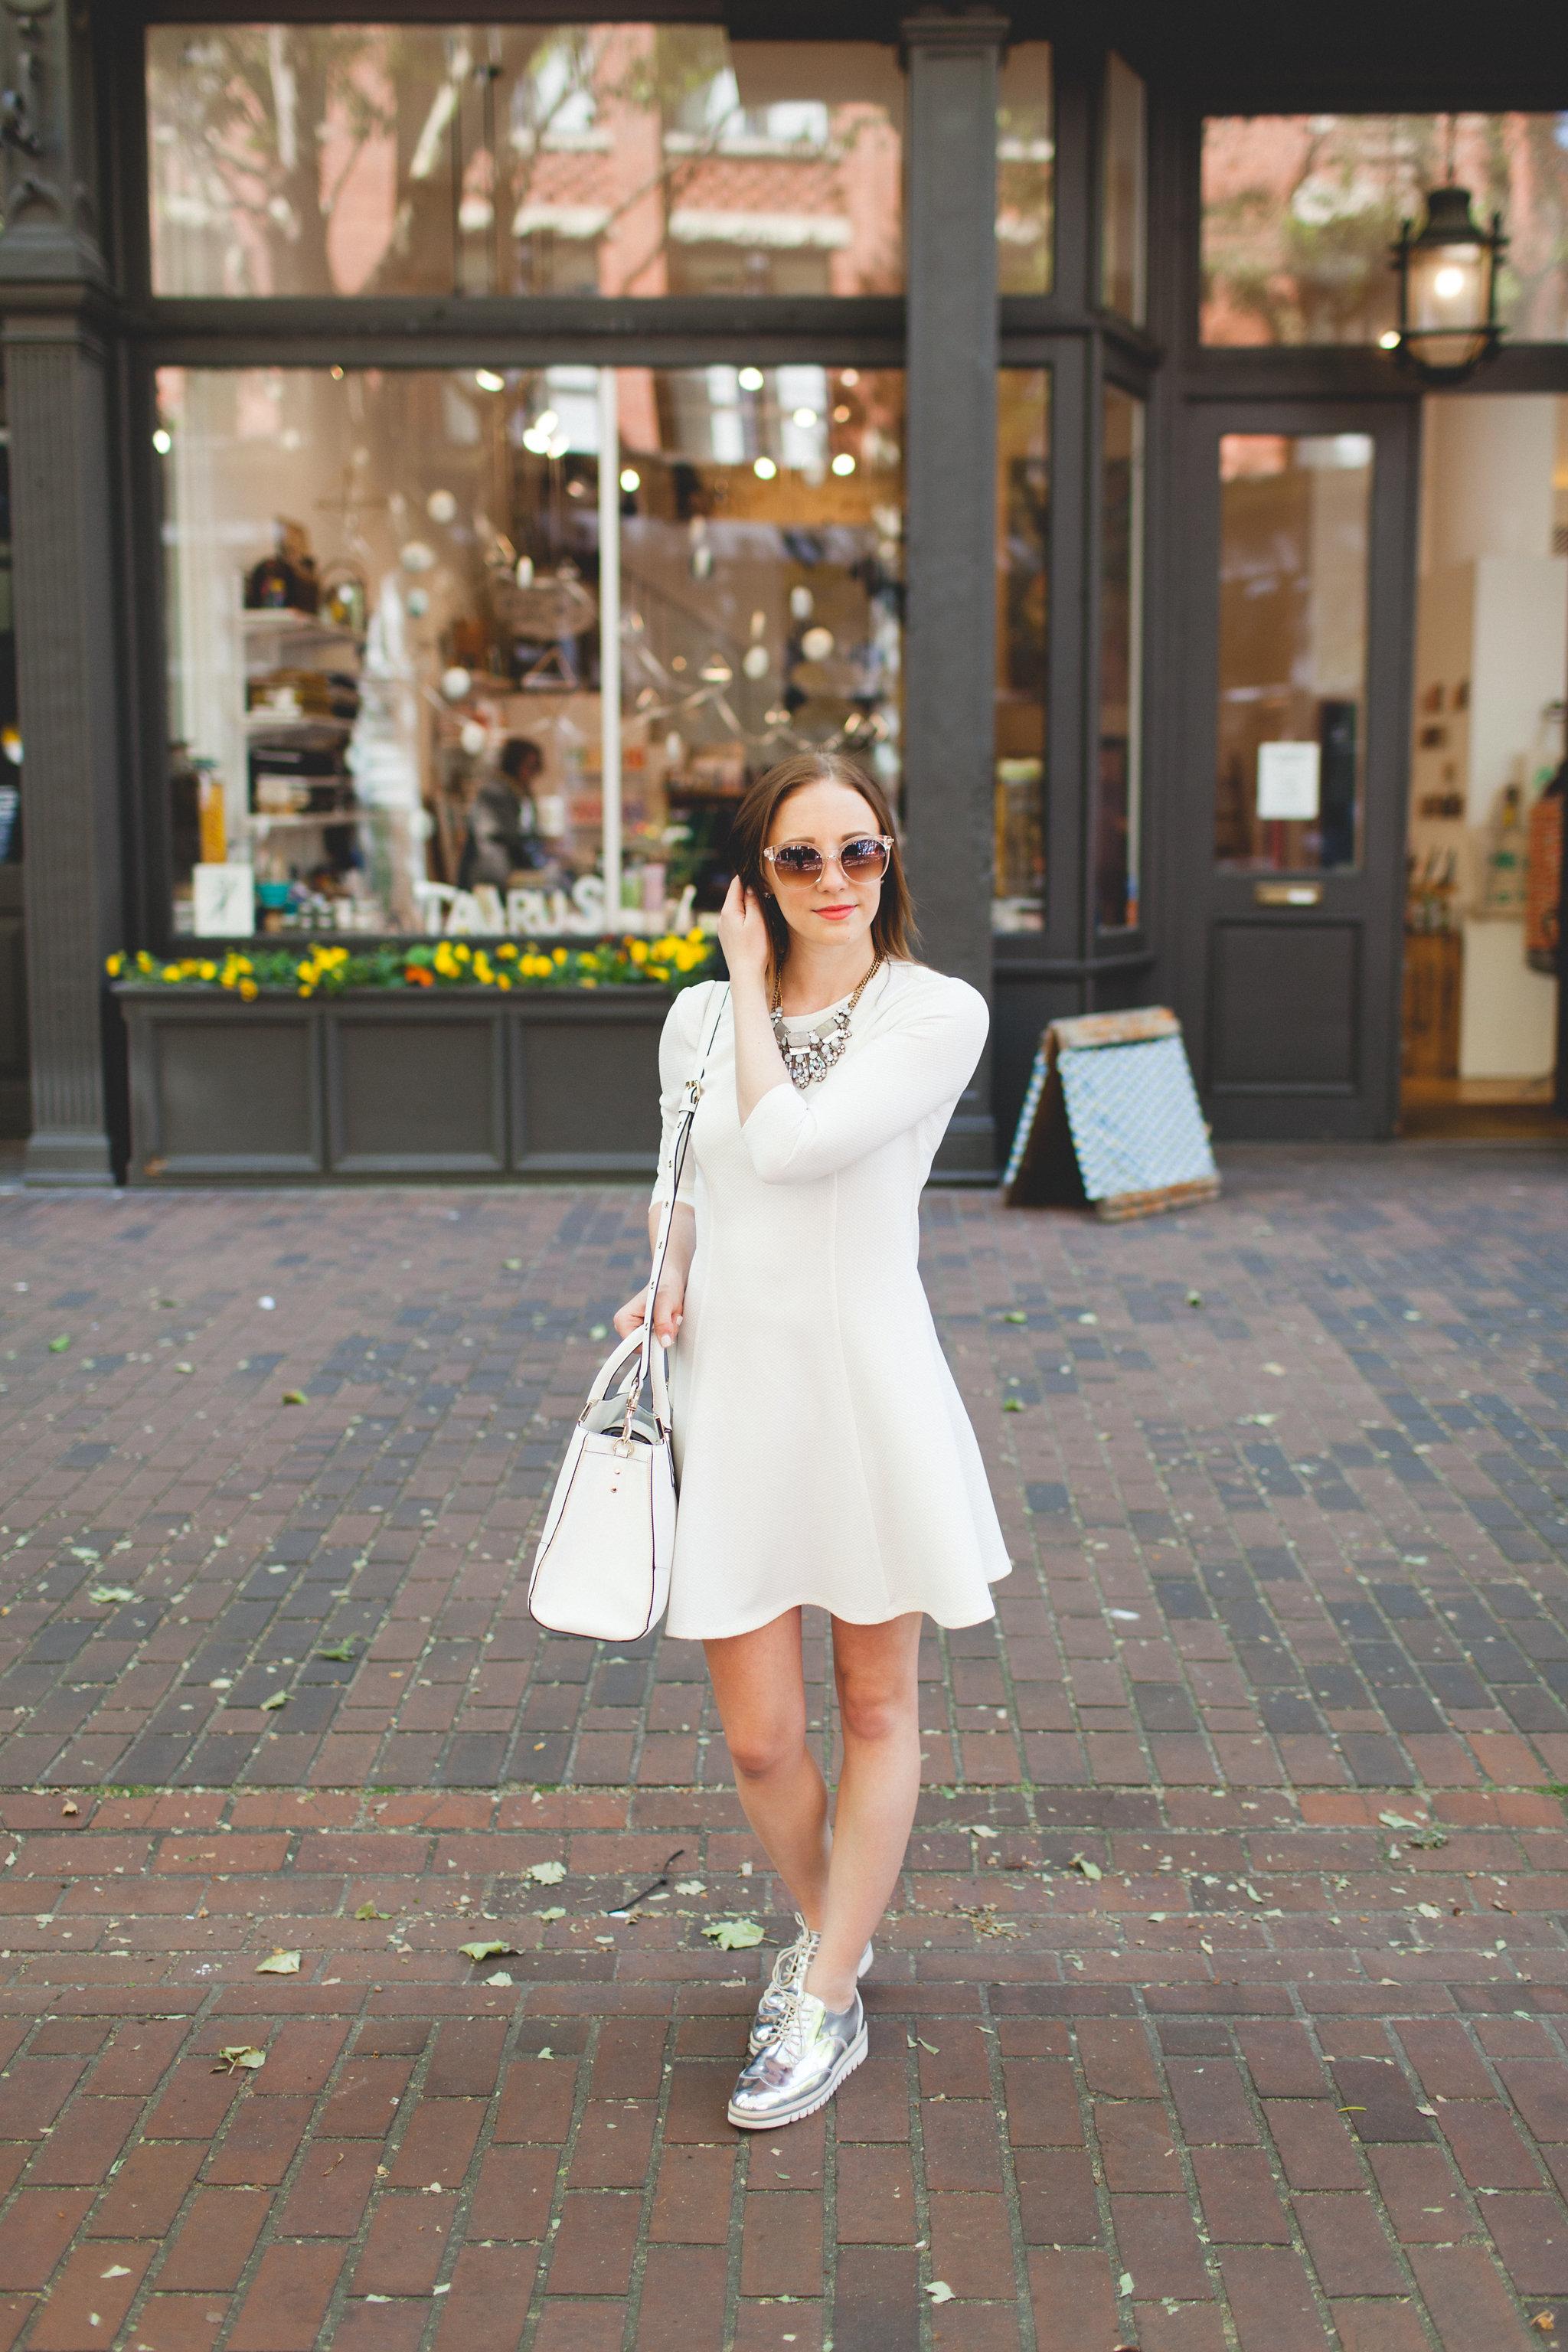 Allison_Spring_Shoot-77.jpg